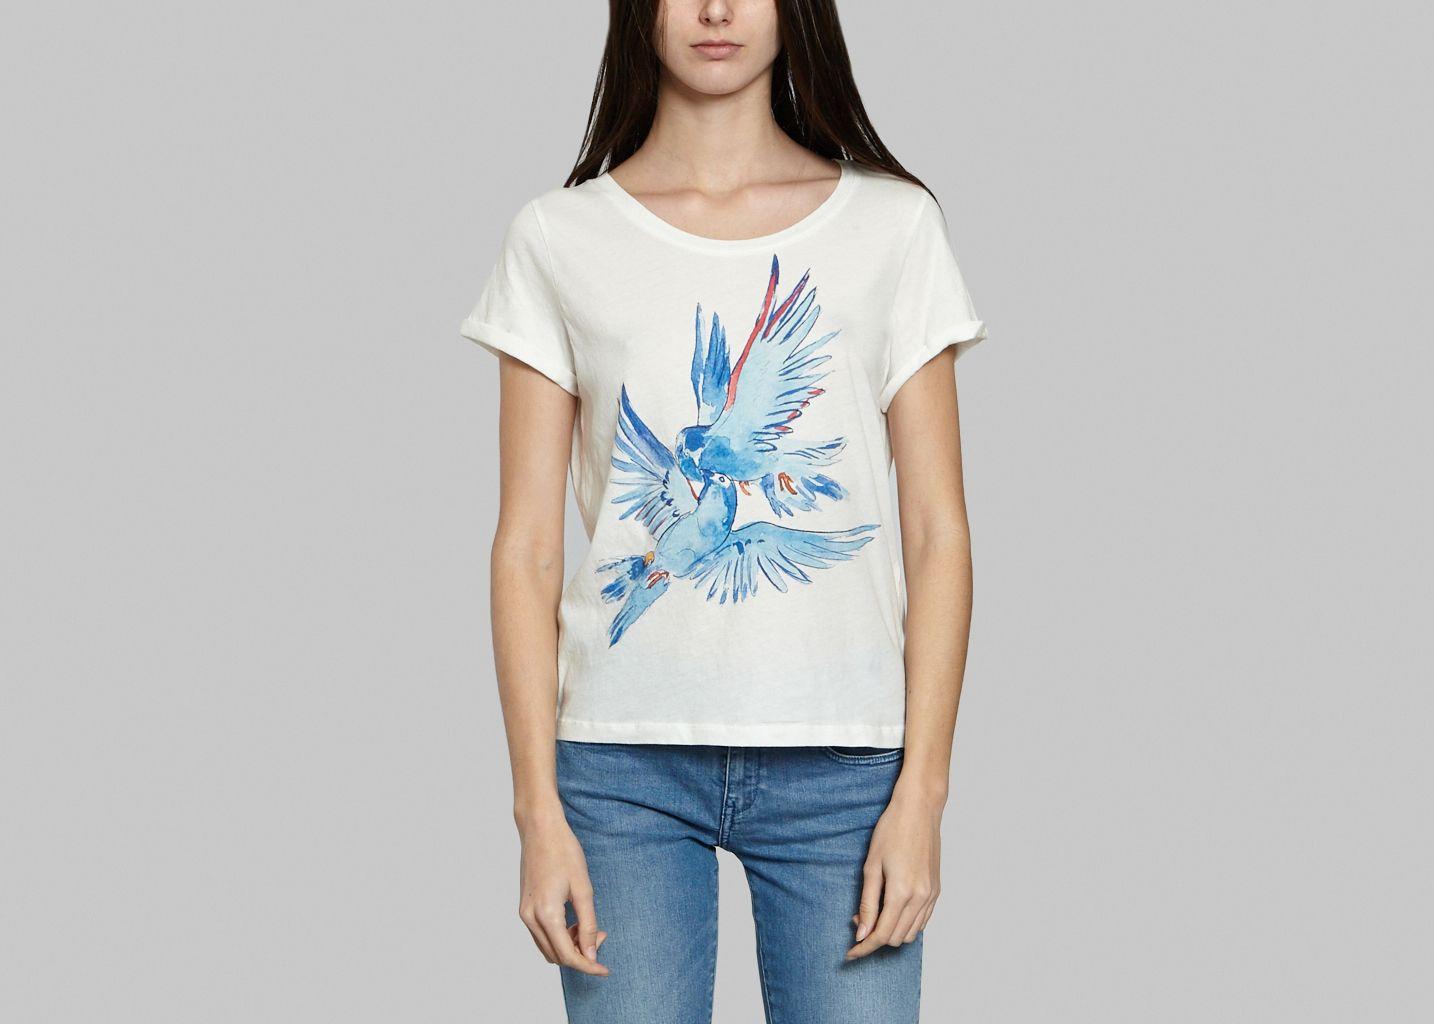 Tshirt Birds Kiss Cool  - G.Kero